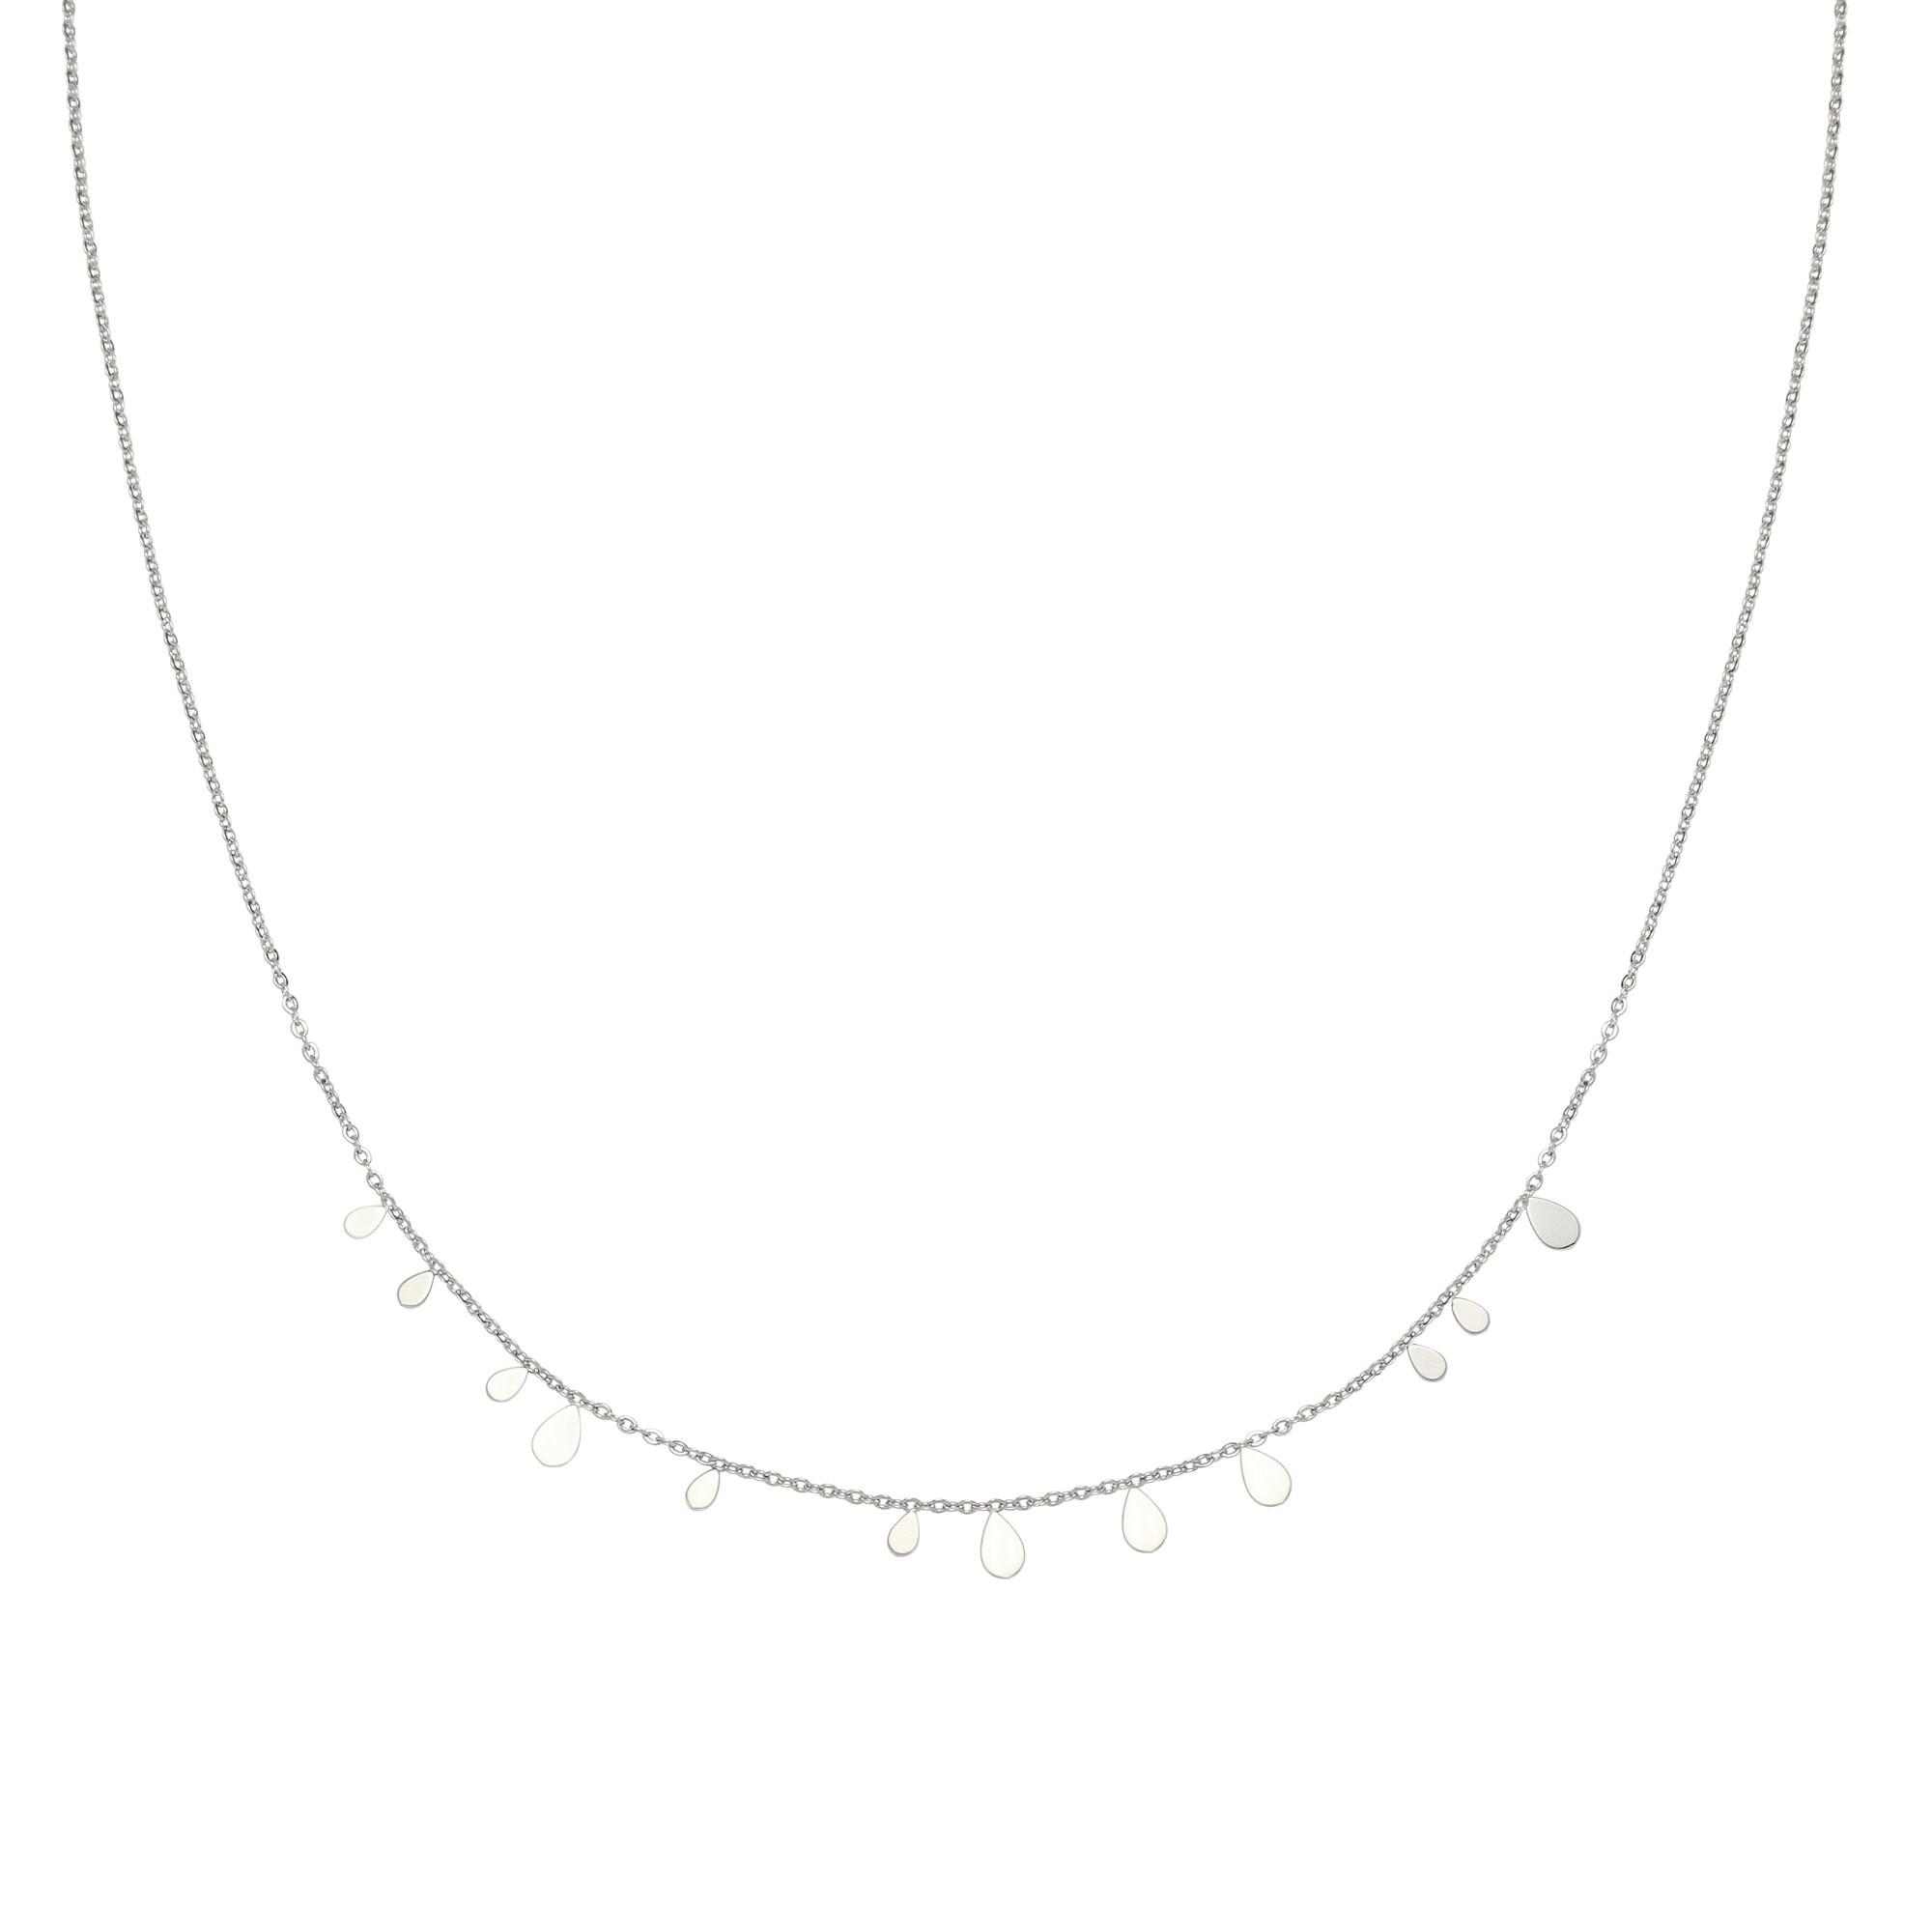 With love Necklace confetti rain silver